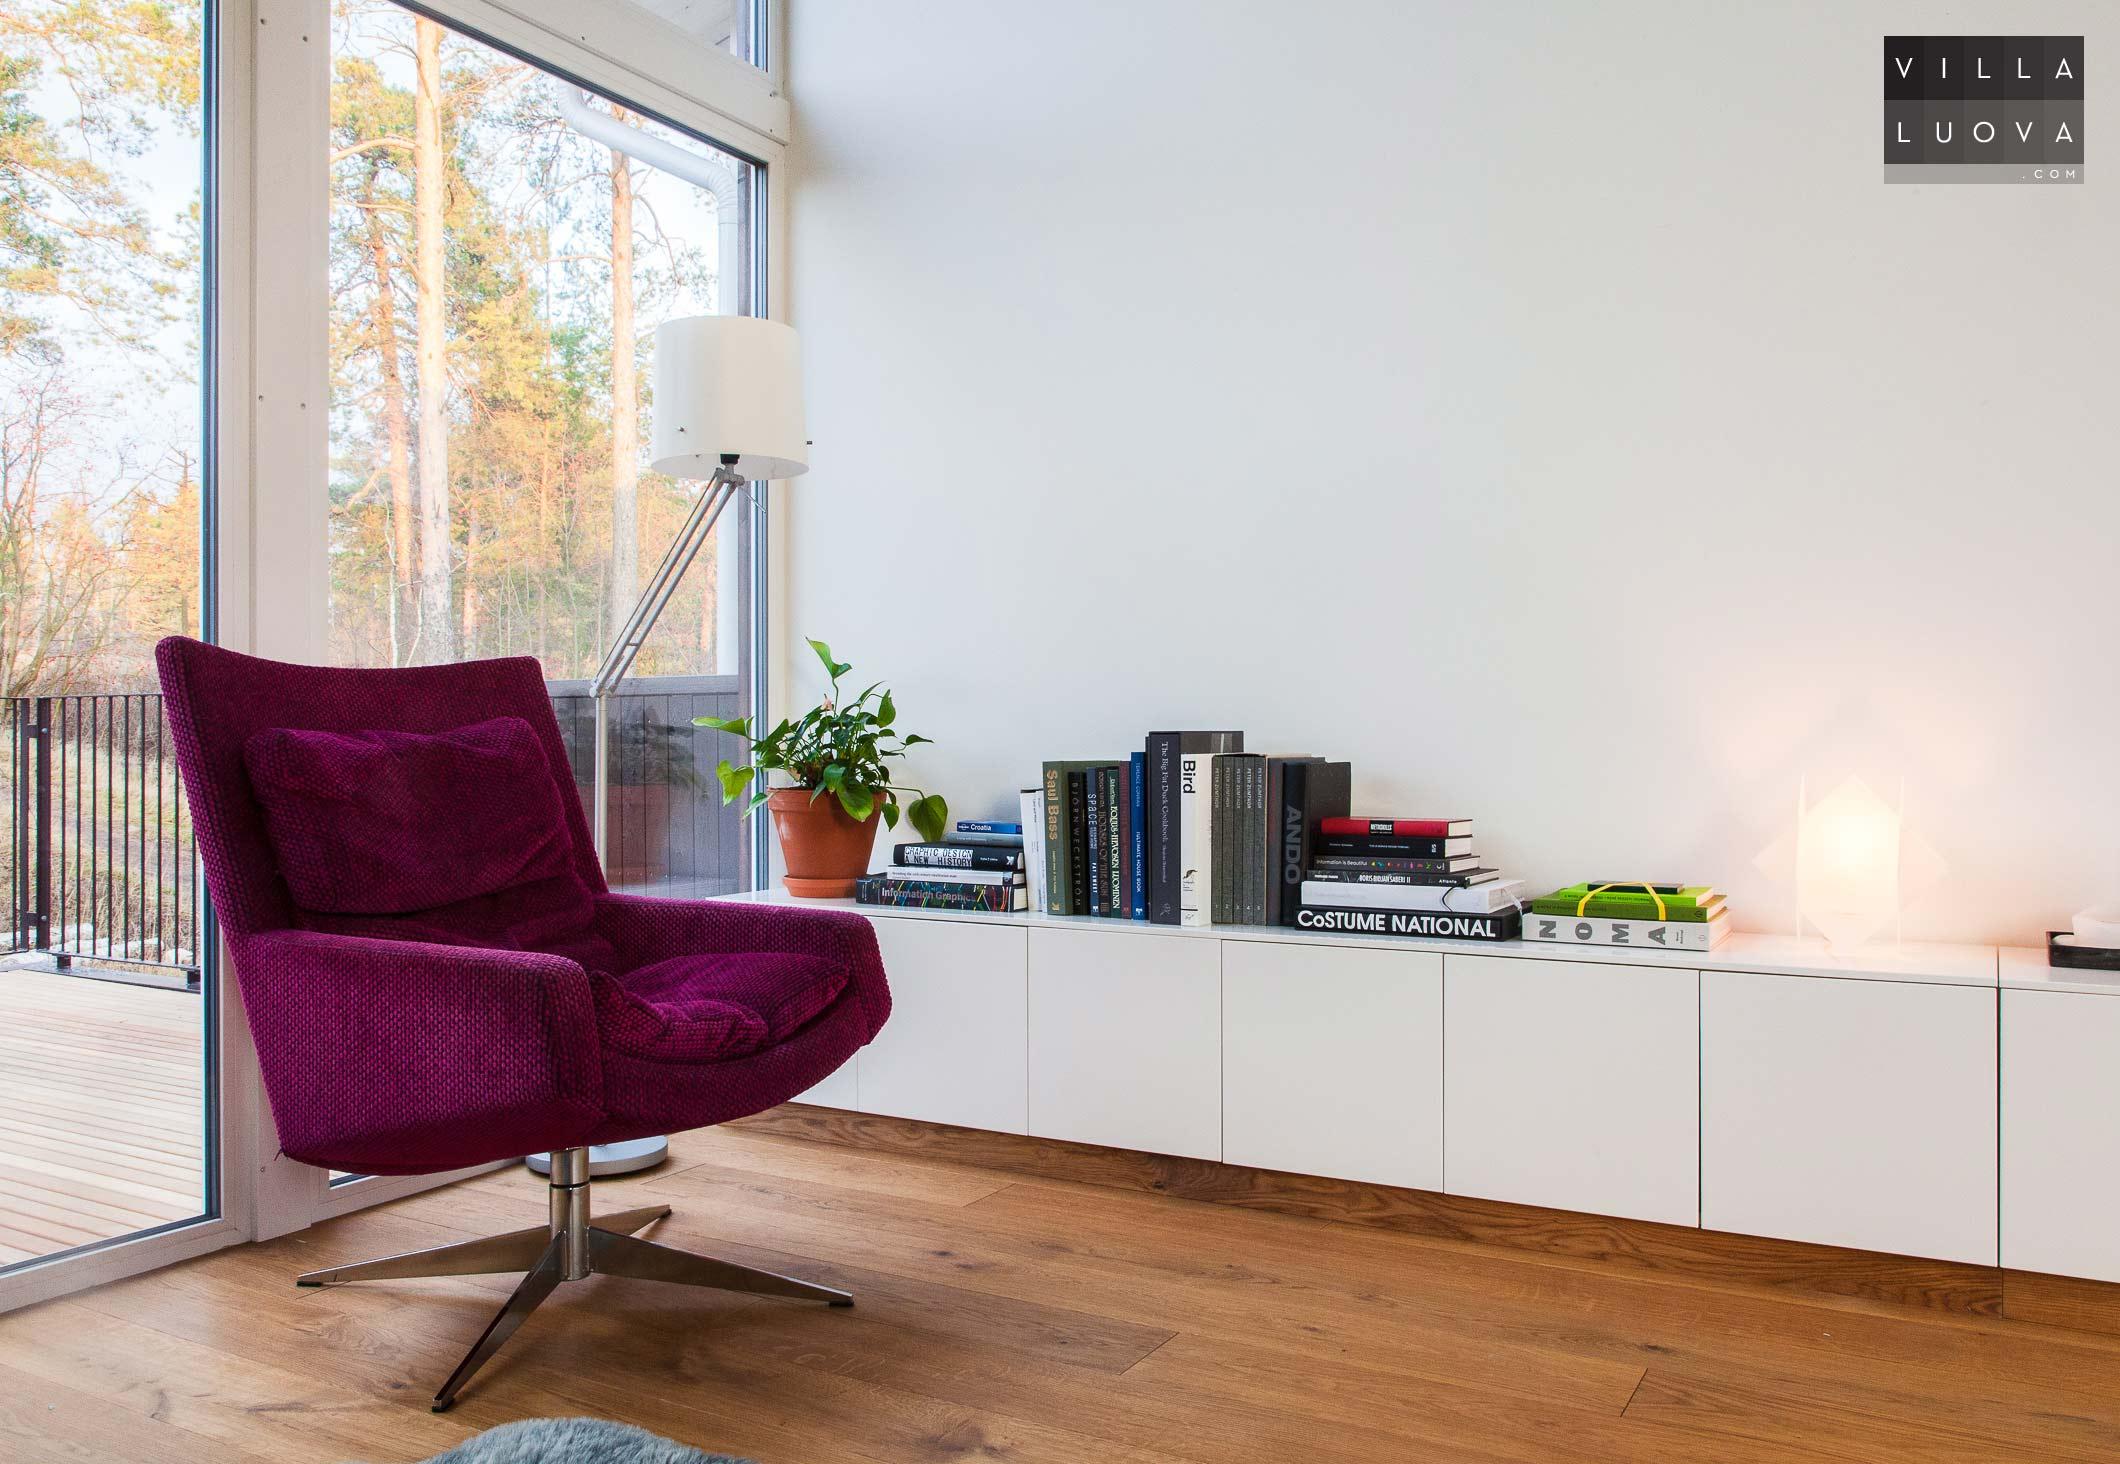 Full Size of Stylische Ikea Hacks Stilpalast Sideboard Küche Waschbecken Kosten Holzregal Einbauküche Mit Elektrogeräten Treteimer Einzelschränke Gardinen Für Planen Wohnzimmer Ikea Hacks Küche